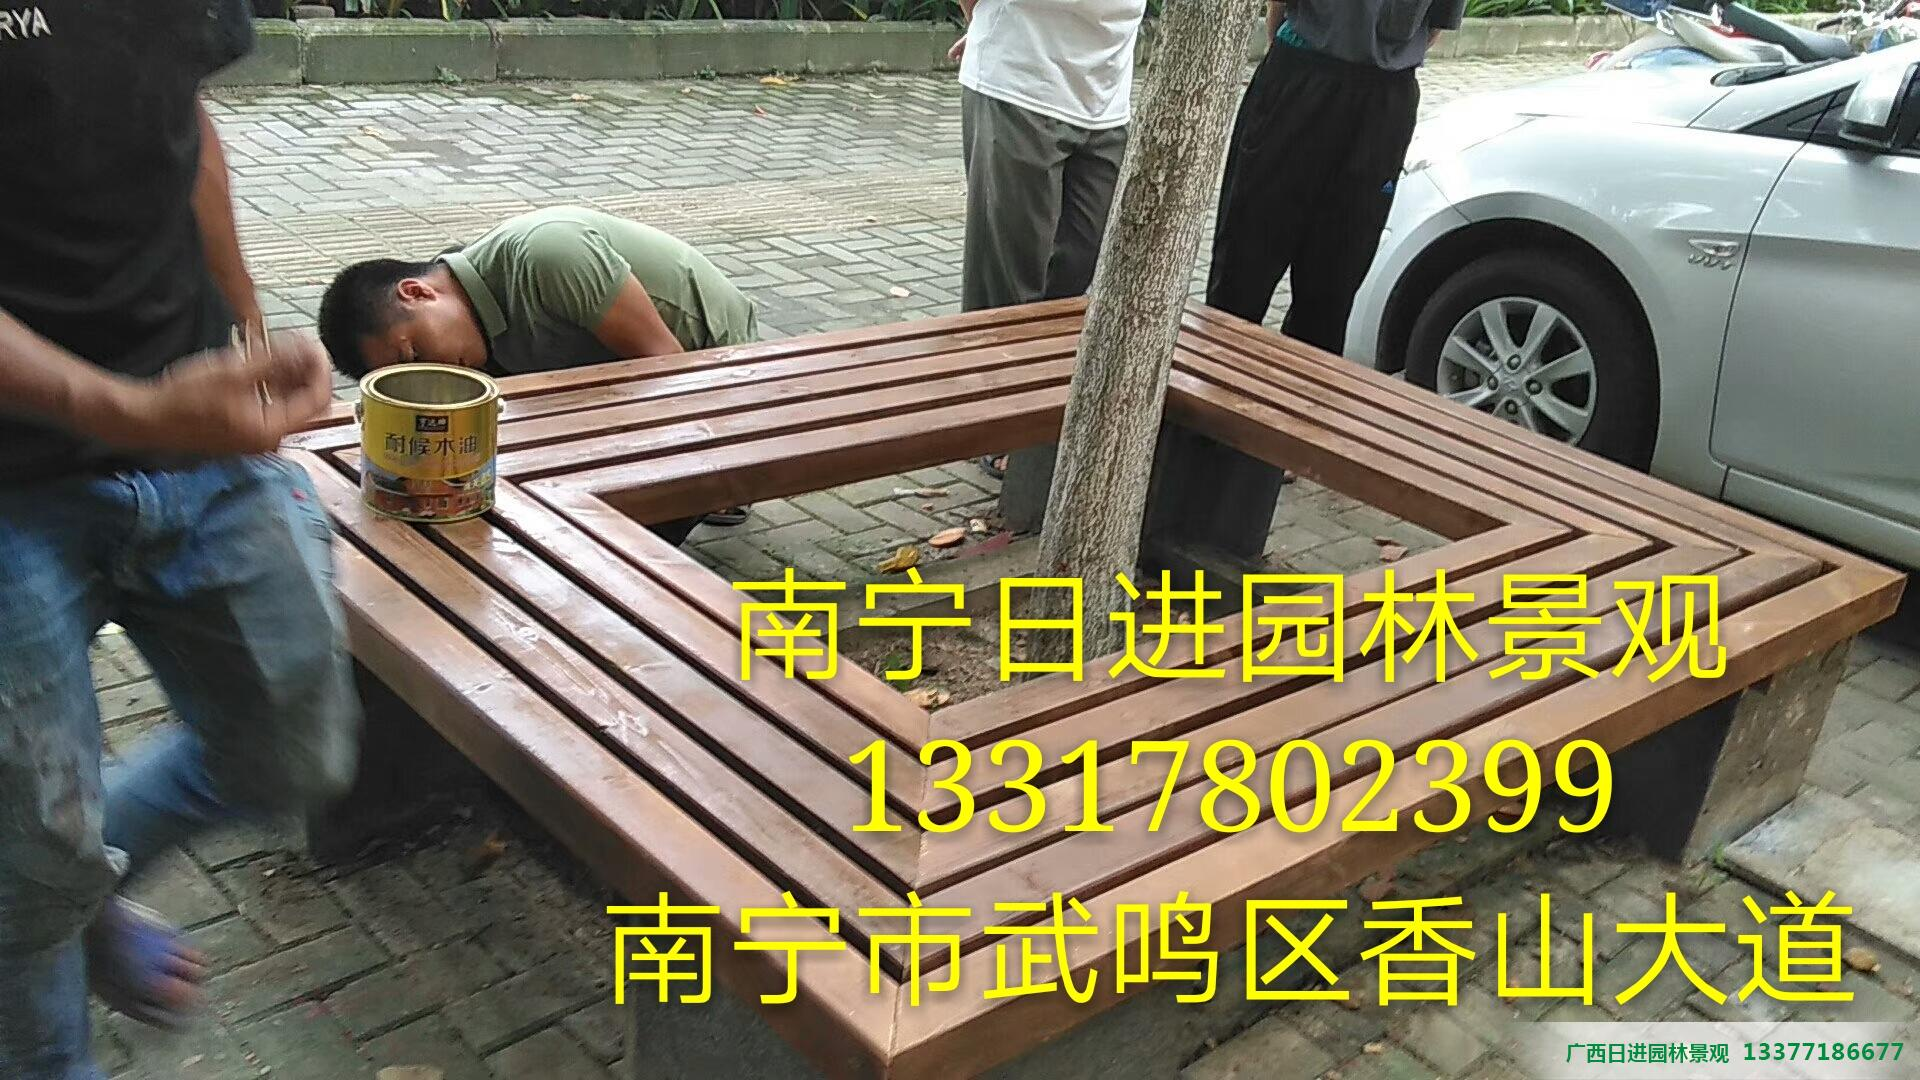 南宁市武鸣县香山大道围树椅改造